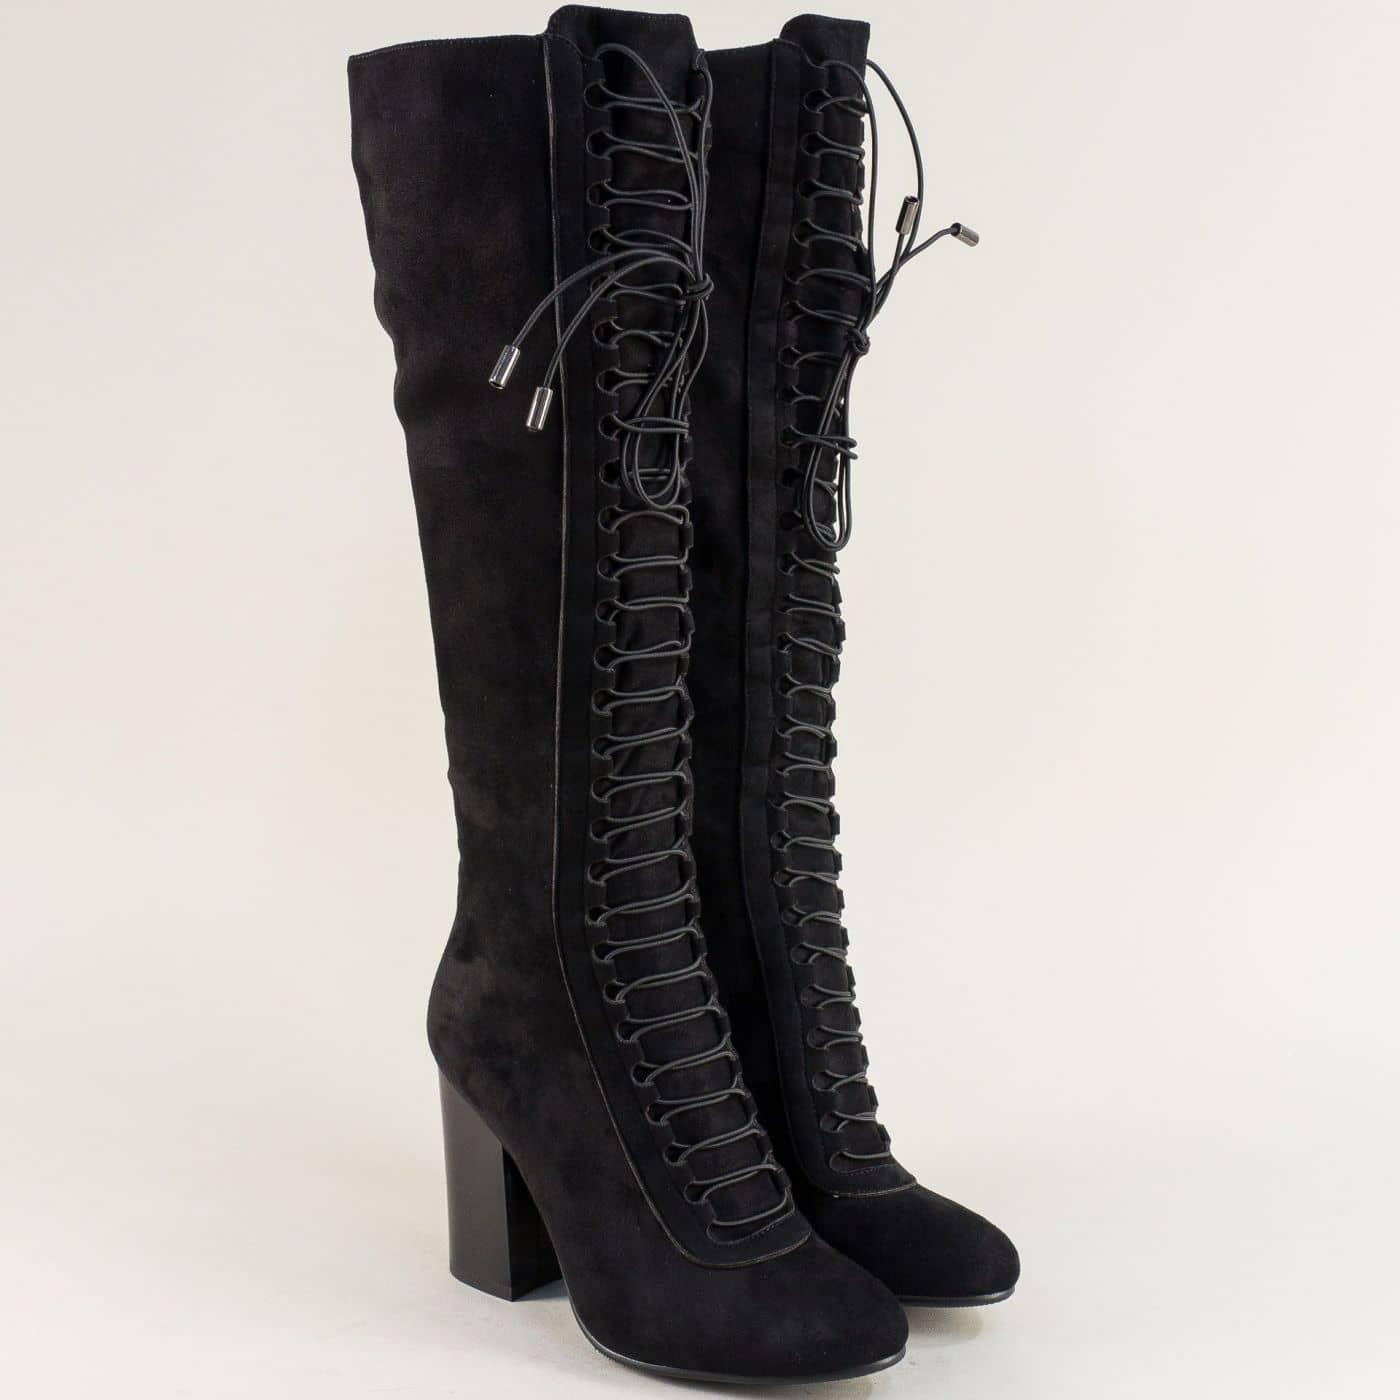 54e2eee87ec Черни дамски ботуши над коляното с ластични връзки 115775nch - Sisi-bg.com